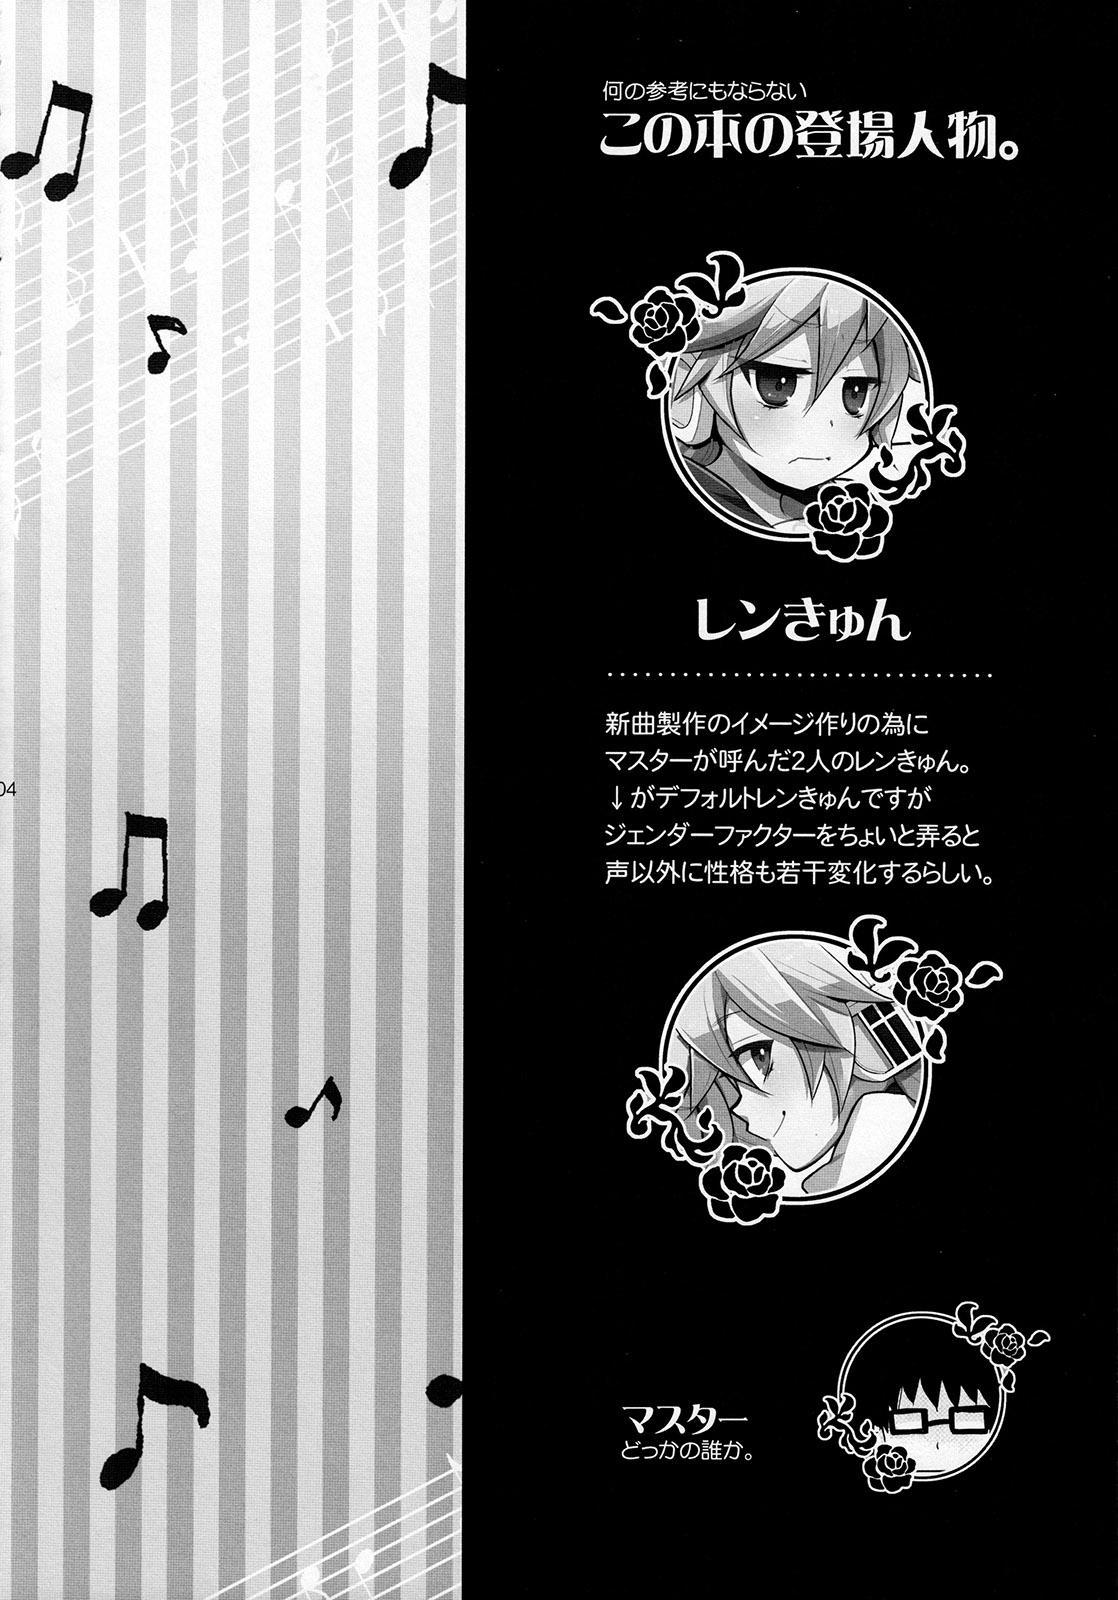 Sound Make 3